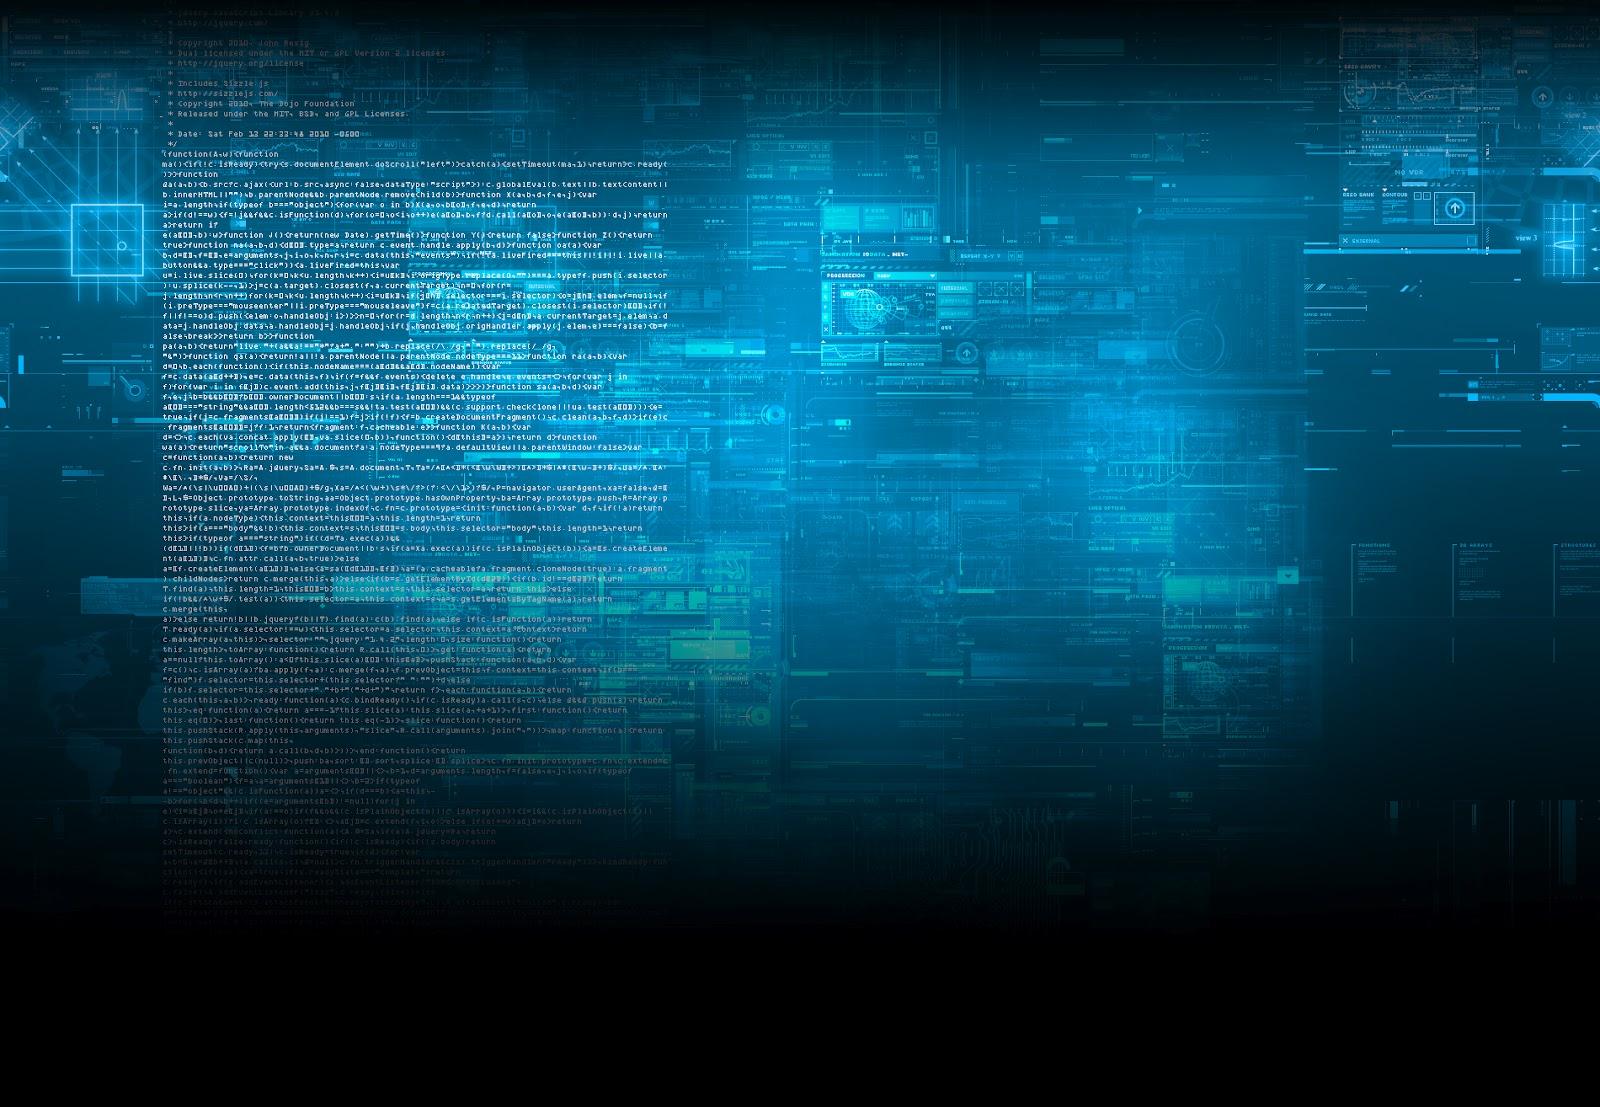 Hd wallpaper computer - Computer Technology Wallpaper Computer Technology Wallpaper